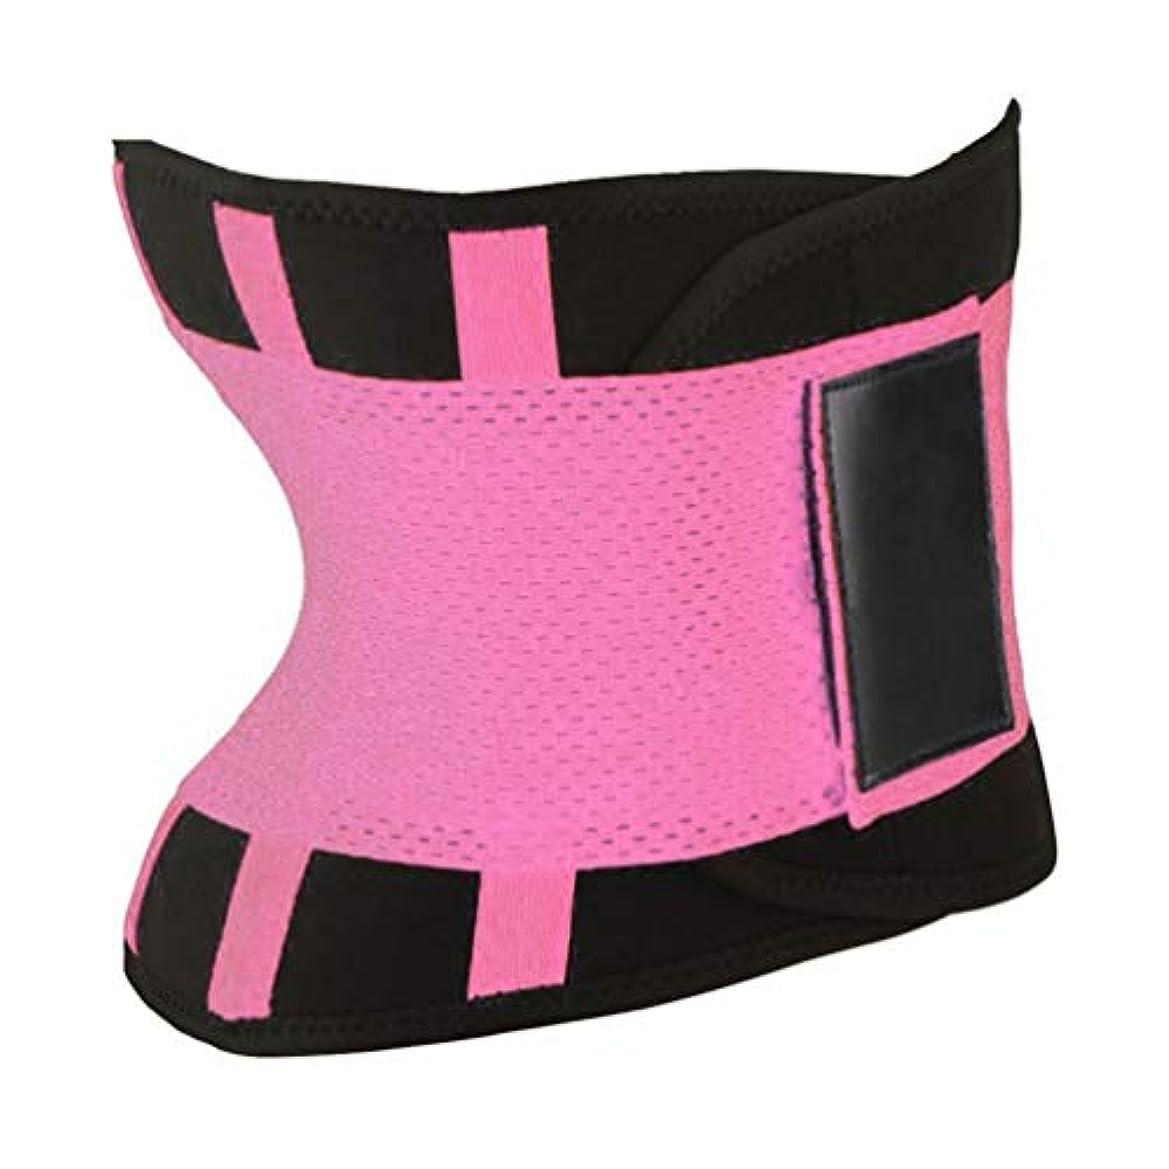 効果的にパンダ疎外快適な女性ボディシェイパー痩身シェイパーベルトスポーツ女性ウエストトレーナーニッパー制御バーニングボディおなかベルト - ピンク2xl